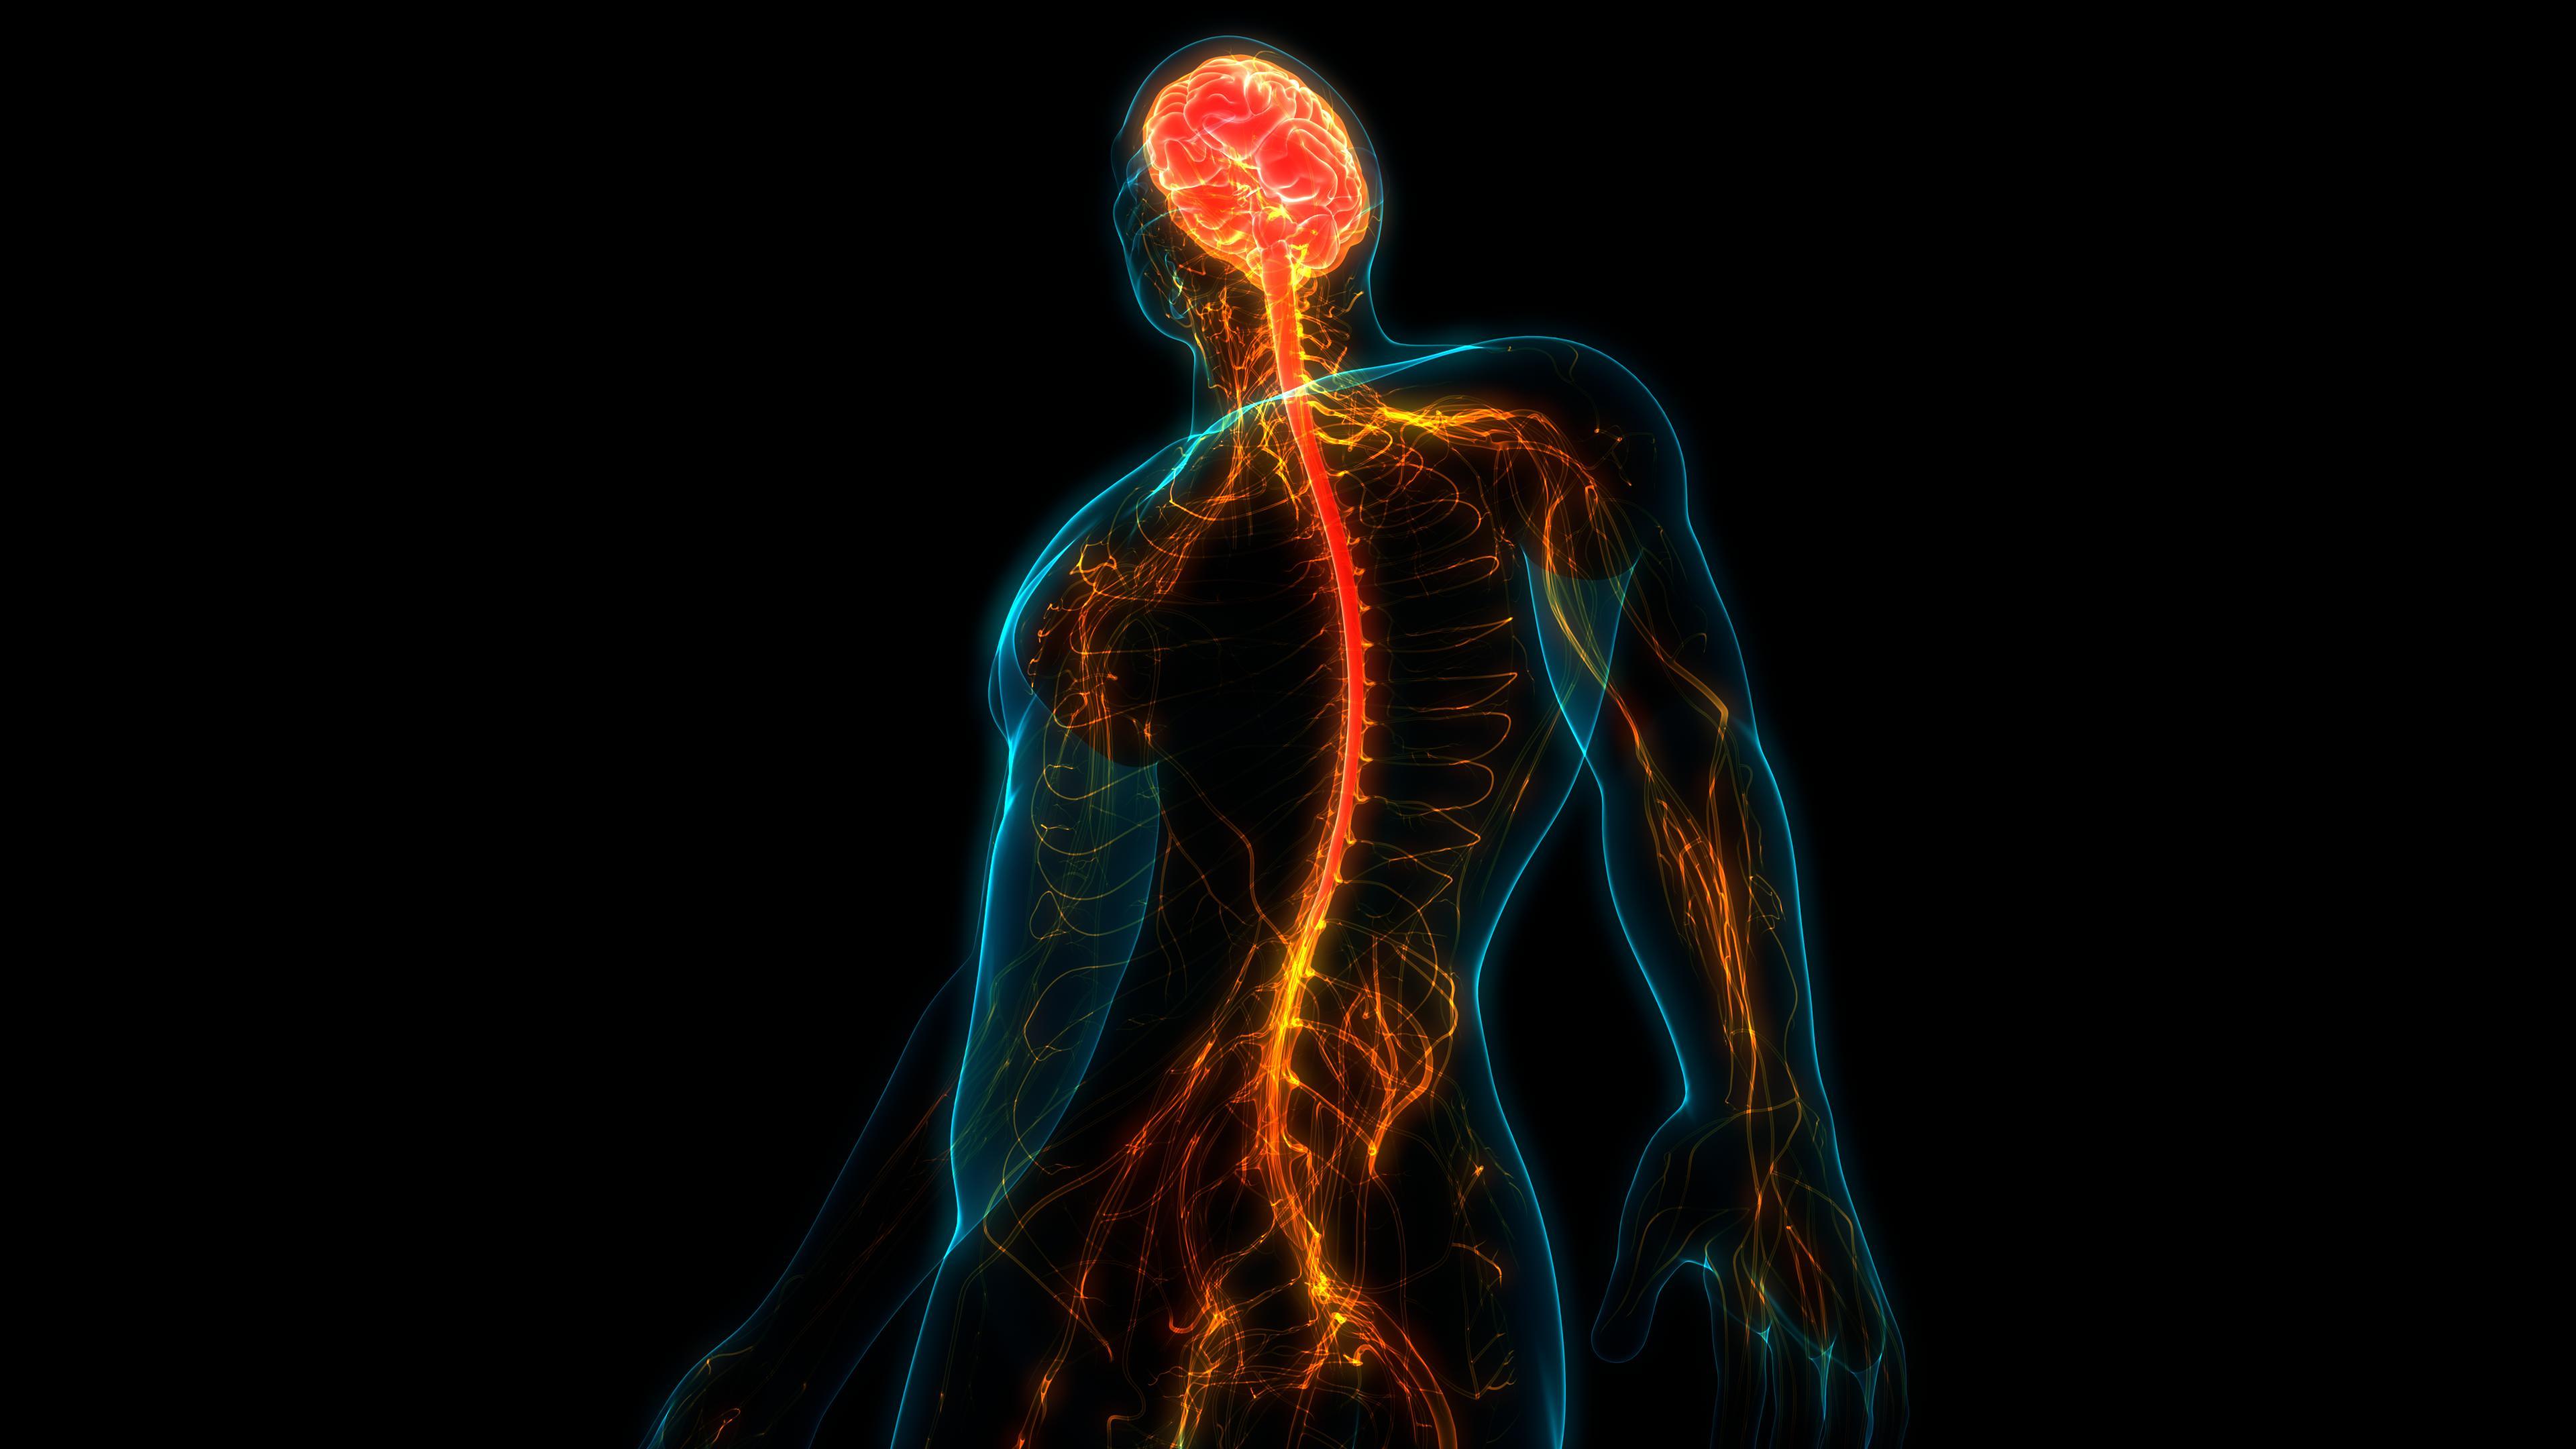 Введение витамина В1 после травмы спинного мозга помогло улучшить восстановление двигательной активности